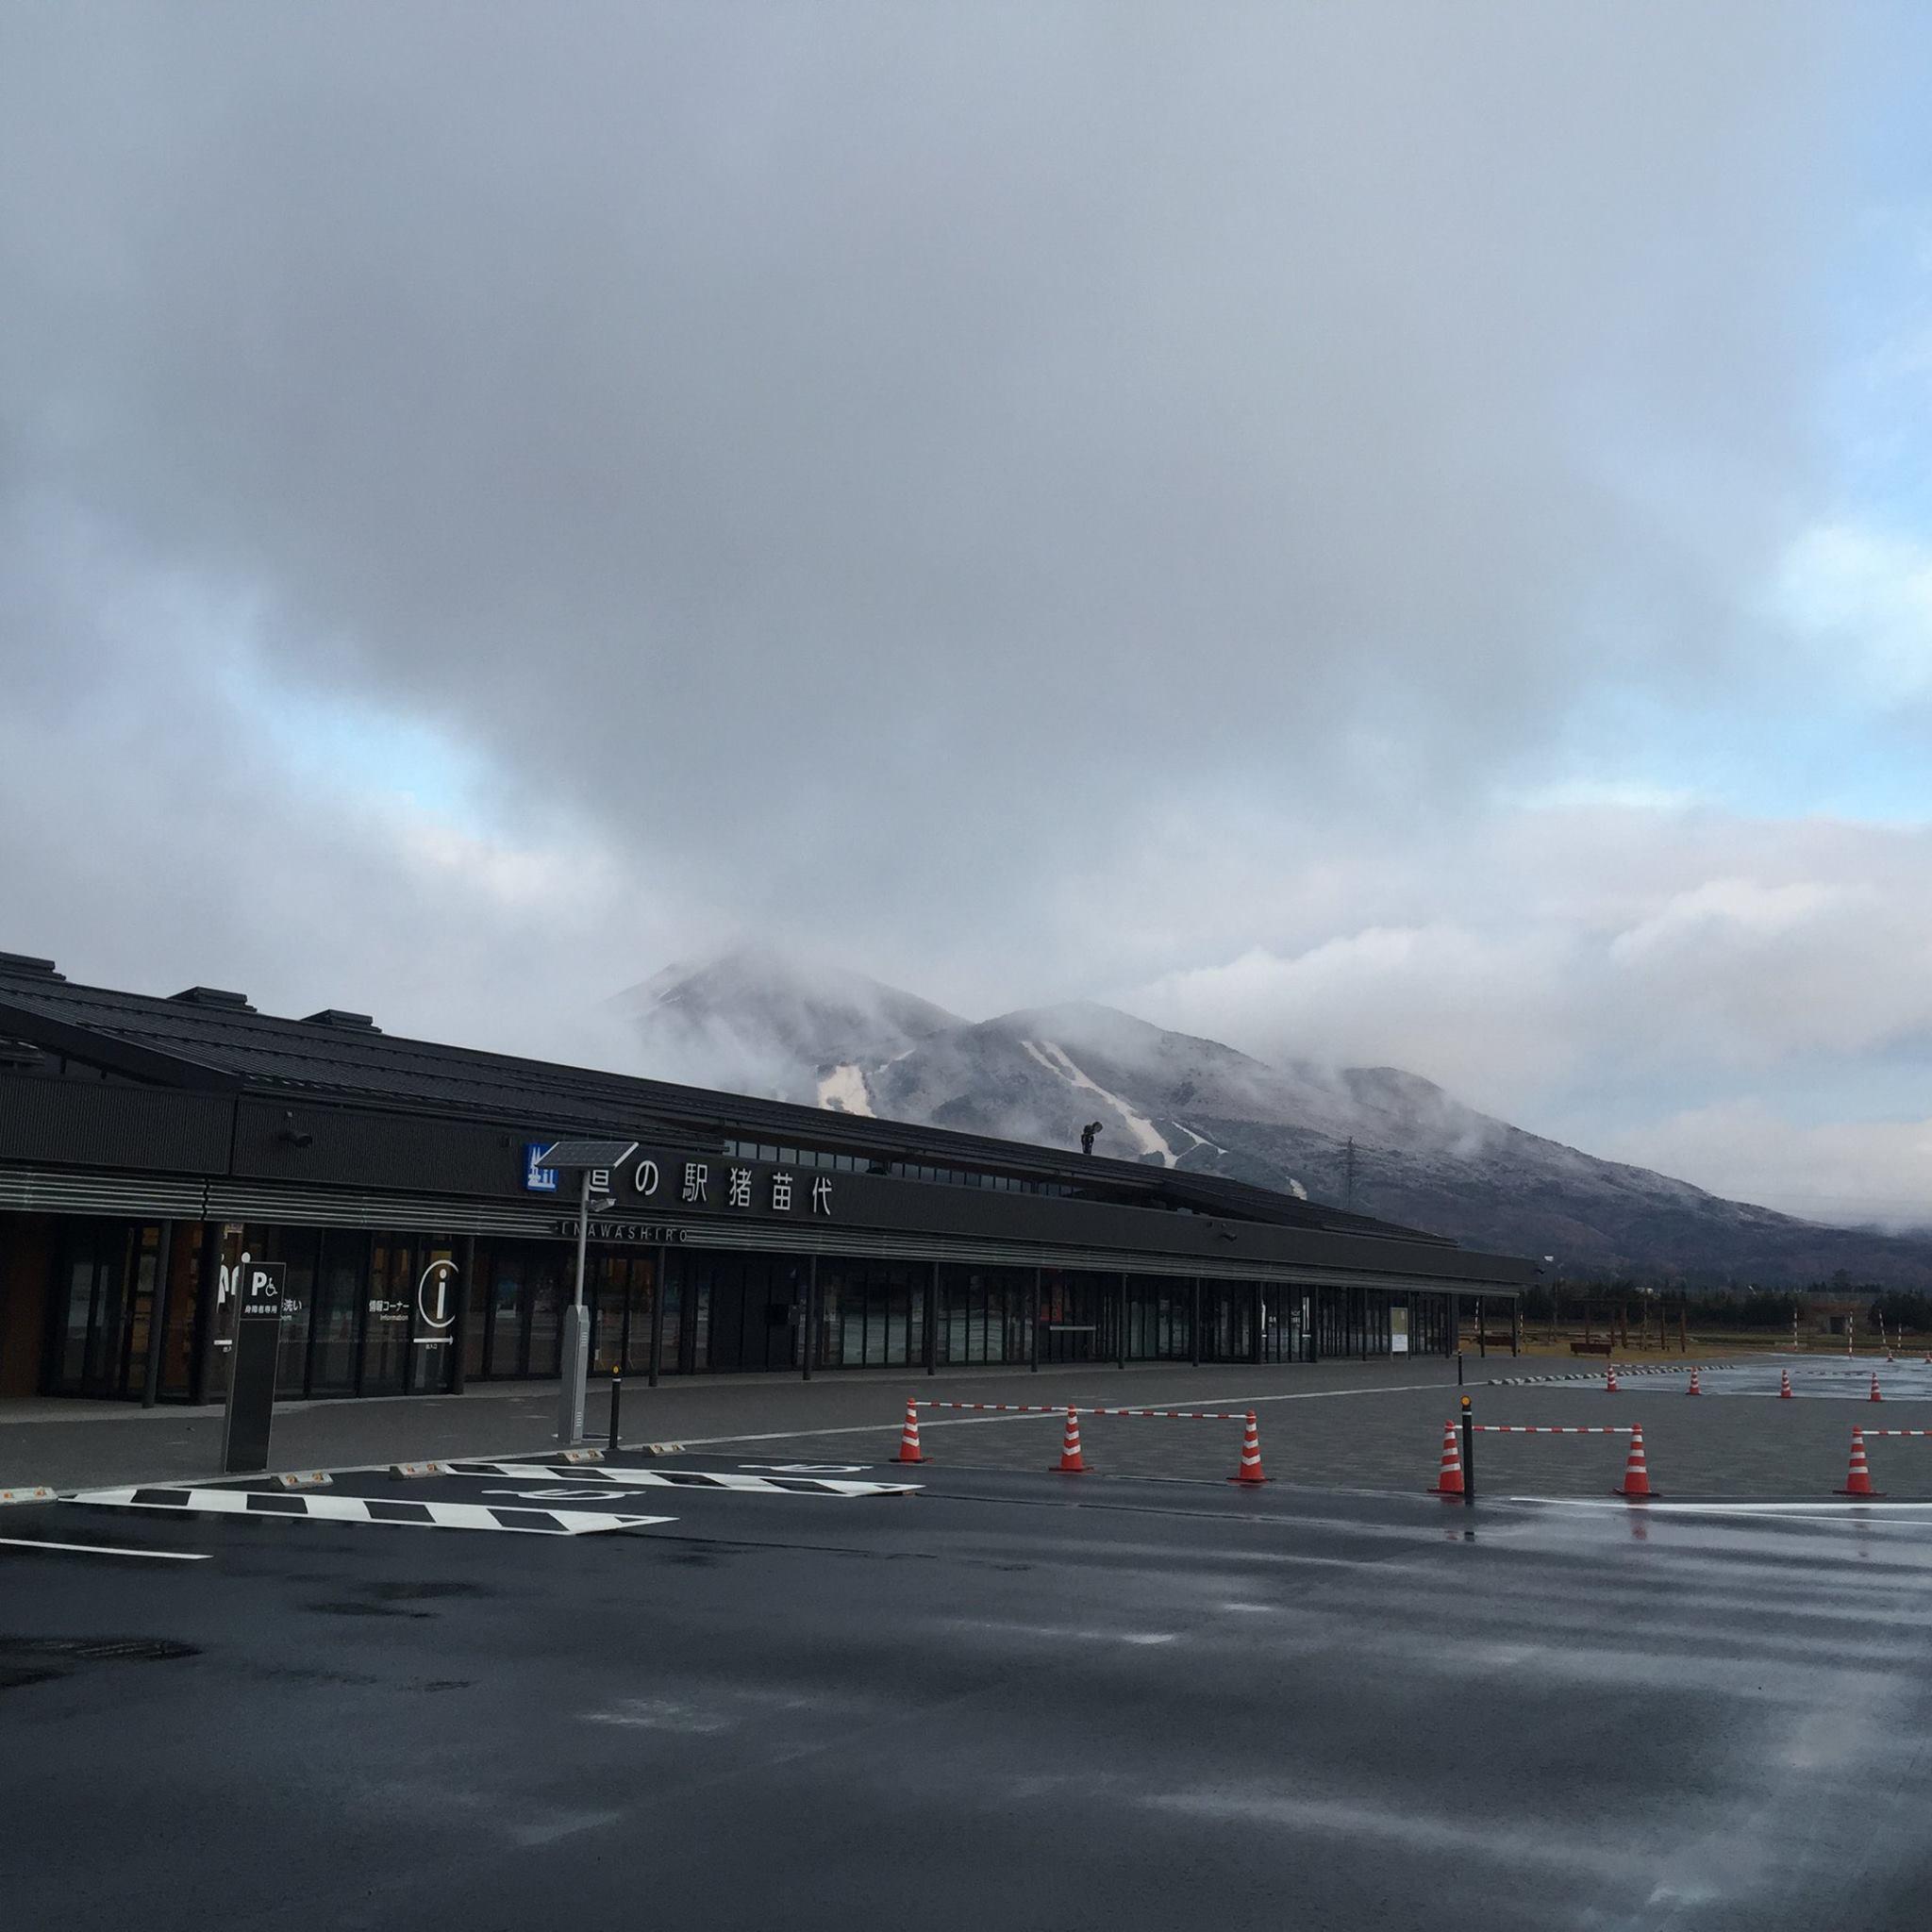 雪景色の磐梯山を背景にした道の駅